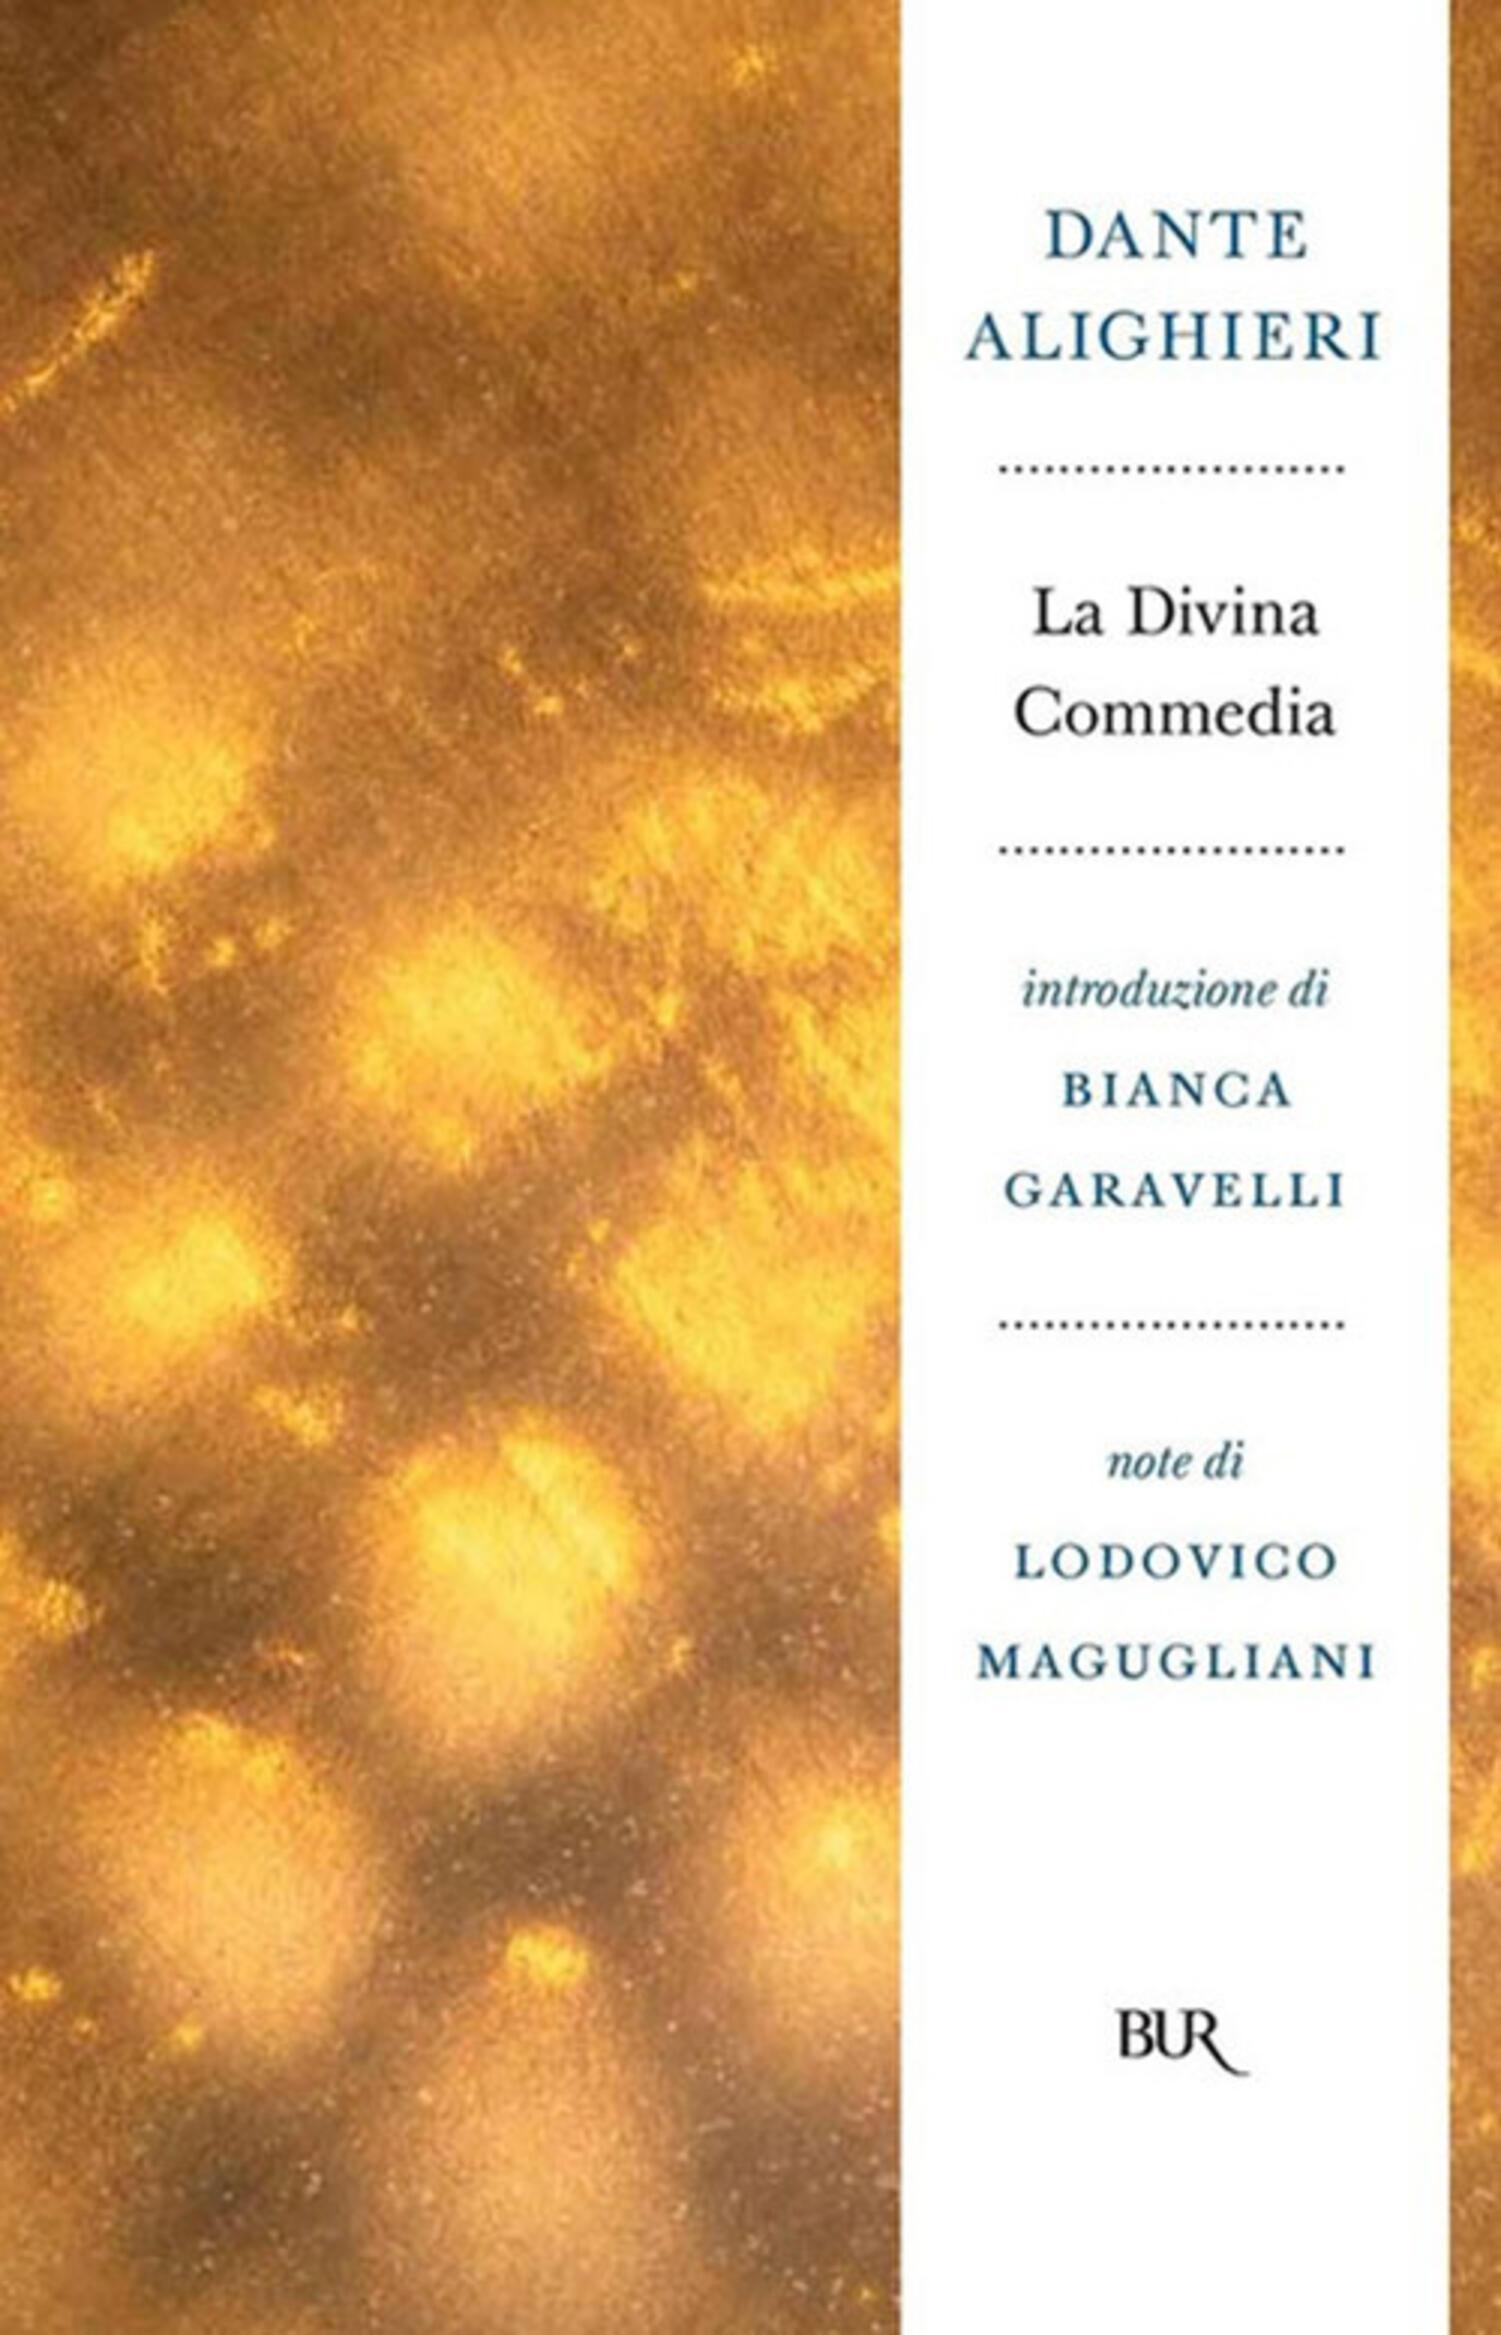 La divina commedia alighieri dante ebook epub con drm ibs fandeluxe Images